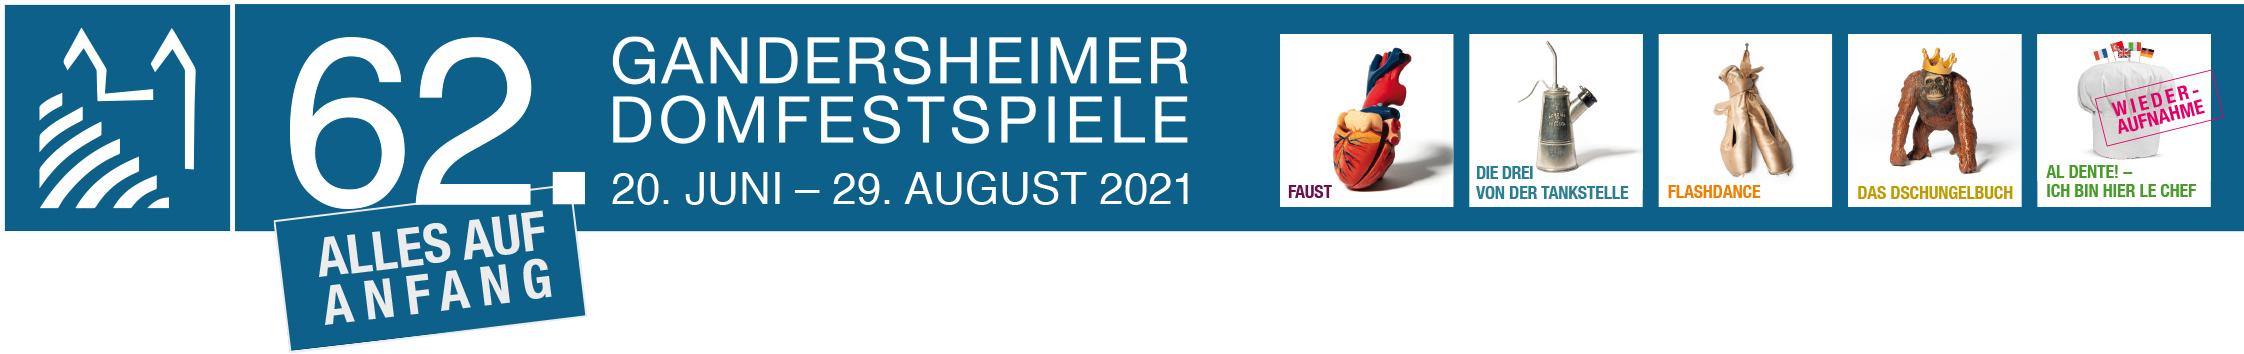 Domfestspiele Bad Gandersheim Programm